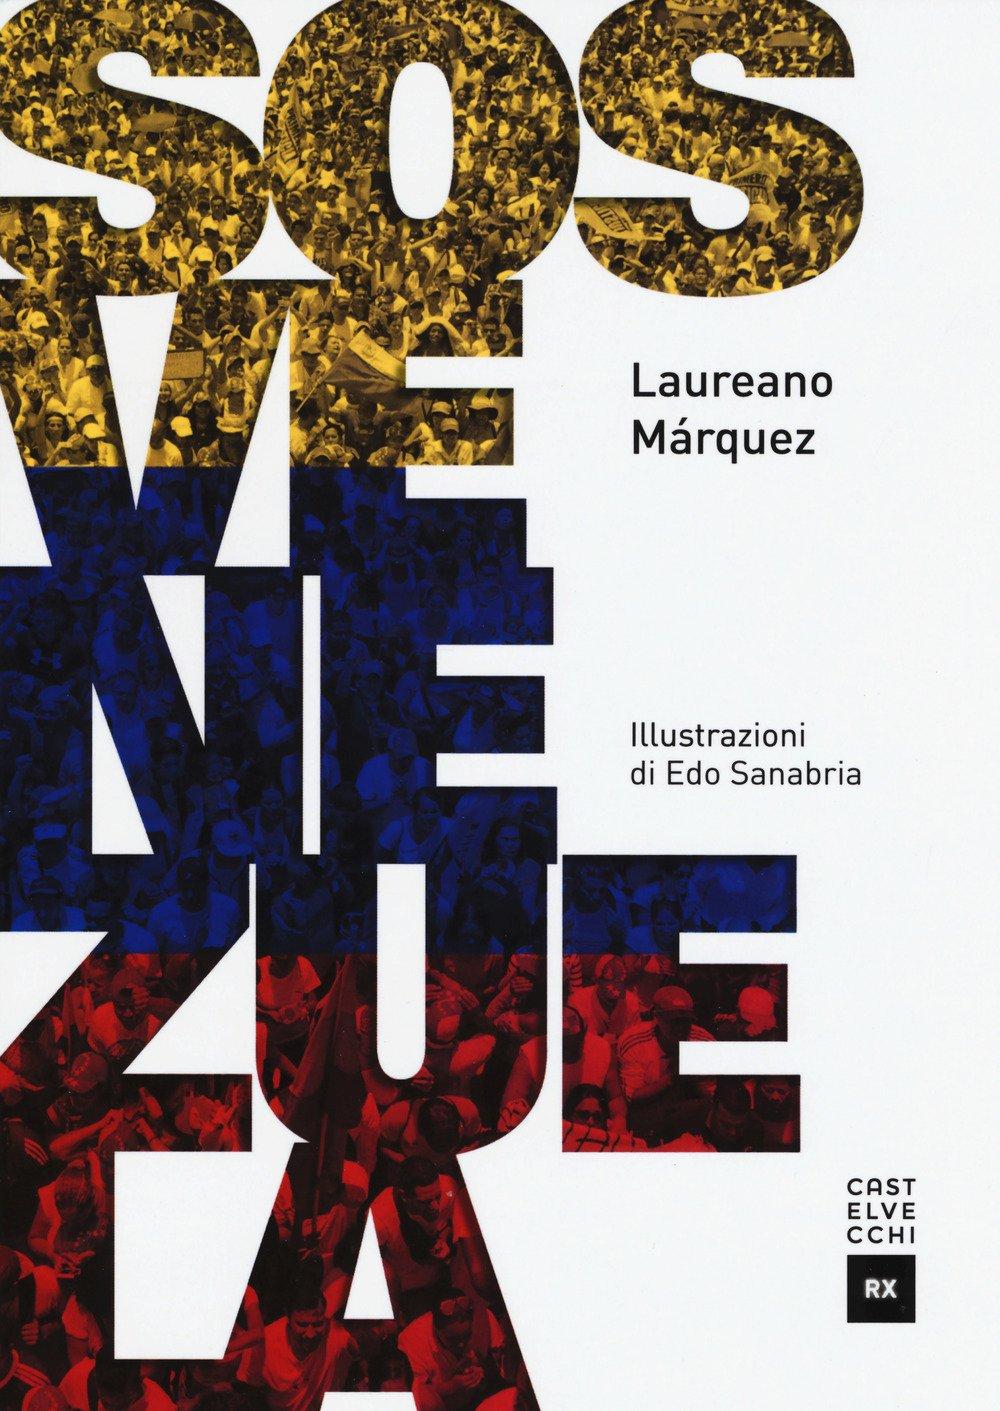 SOS Venezuela (RX): Amazon.es: Laureano Márquez, E. Sanabria, L. Soro, G. Falchi: Libros en idiomas extranjeros